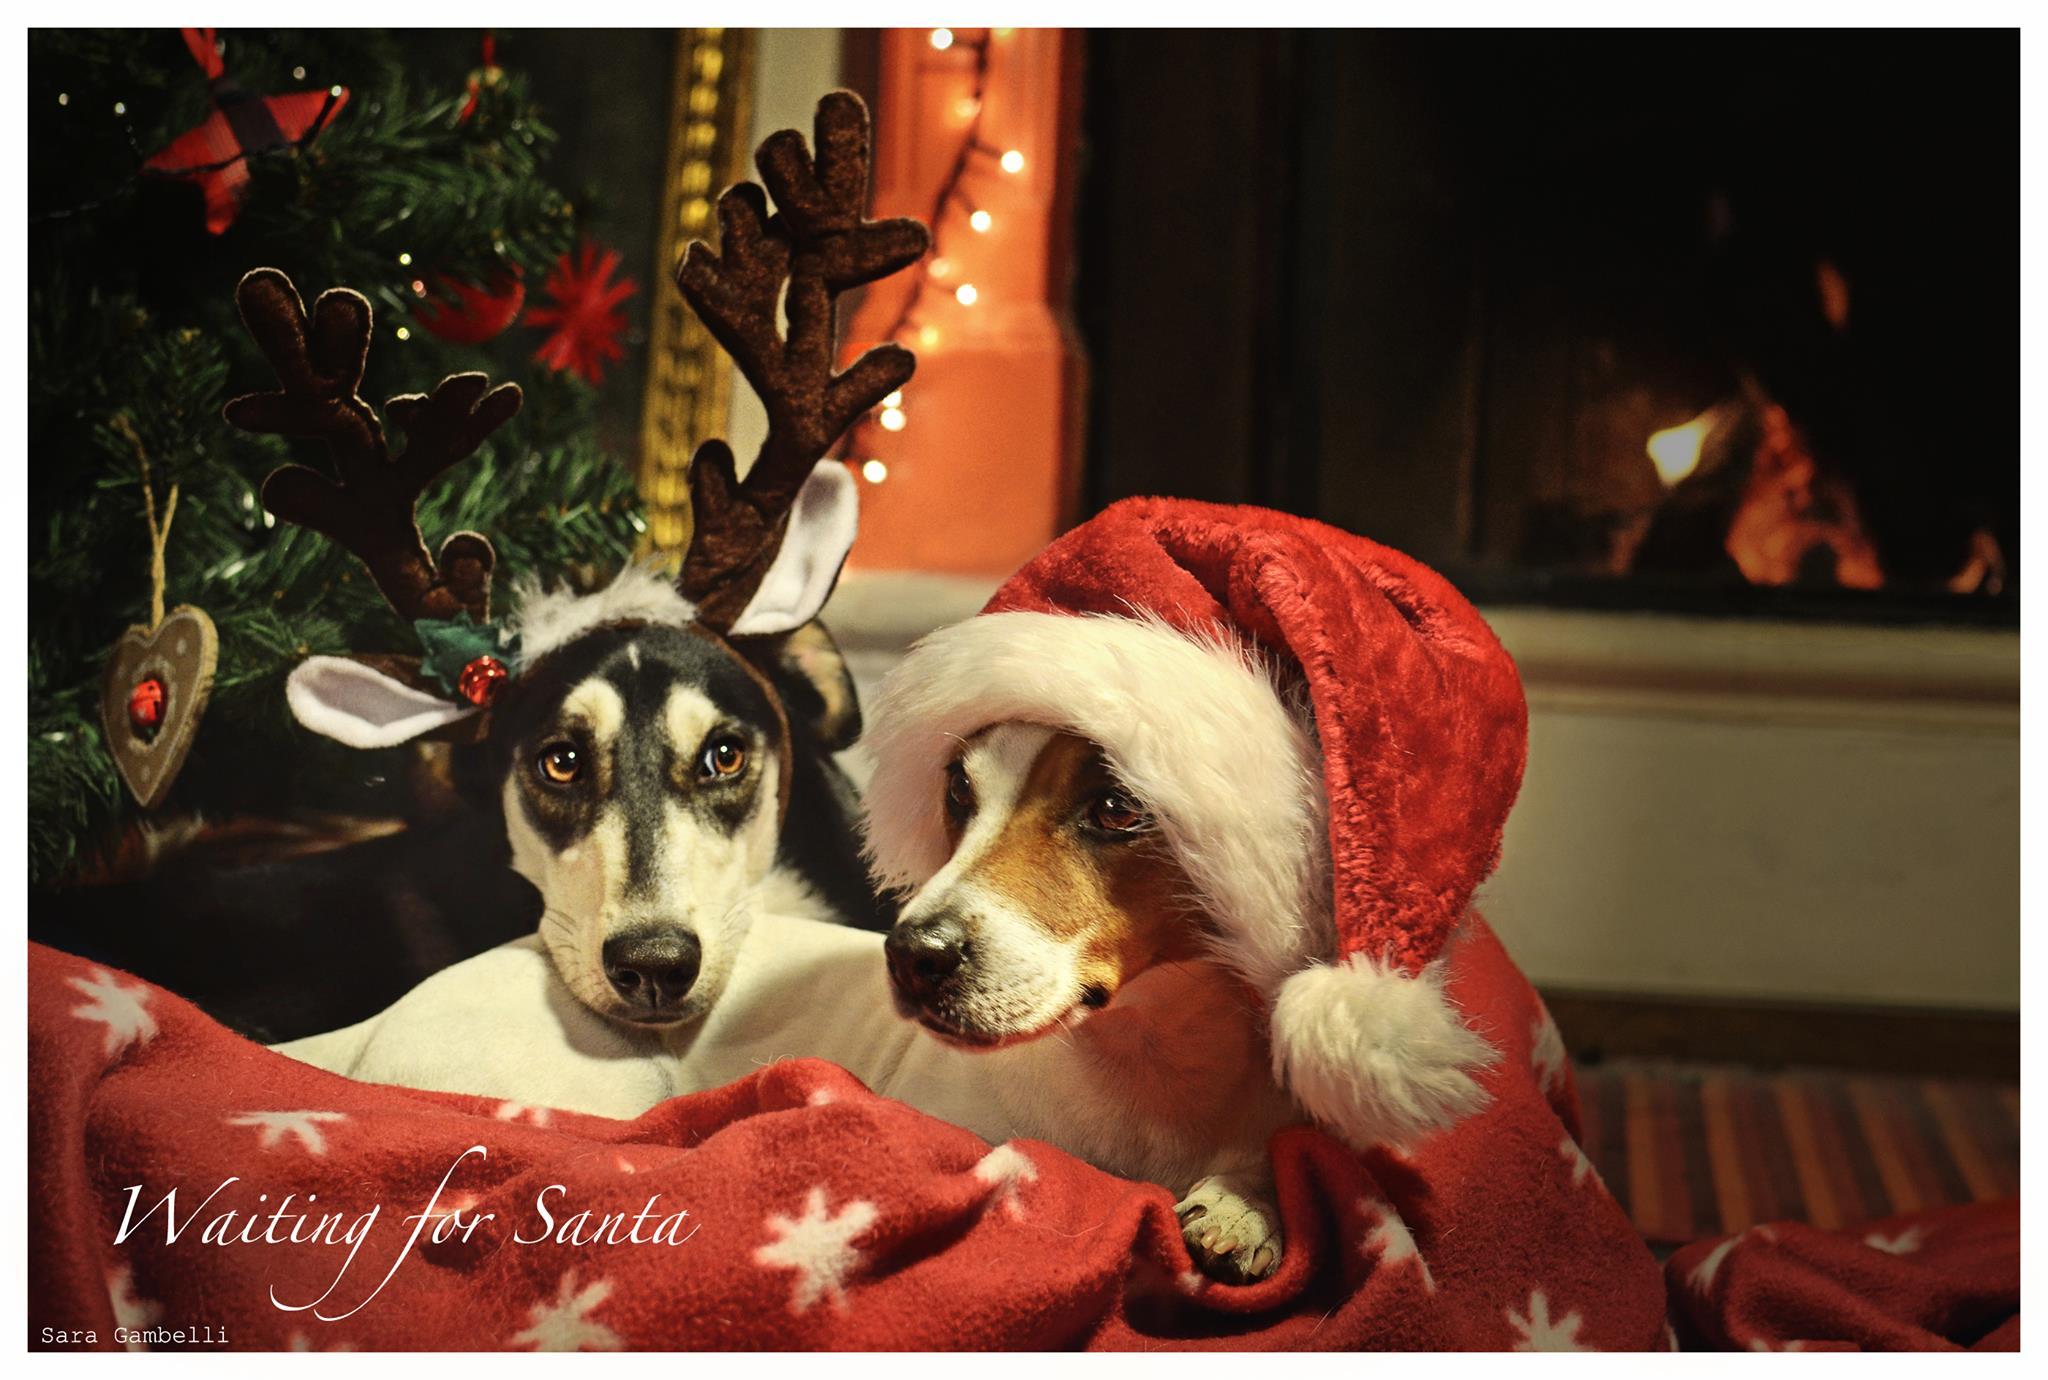 I Migliori Auguri Di Buon Natale.I Nostri Migliori Auguri Di Buon Natale Con Le Foto Canine E Feline